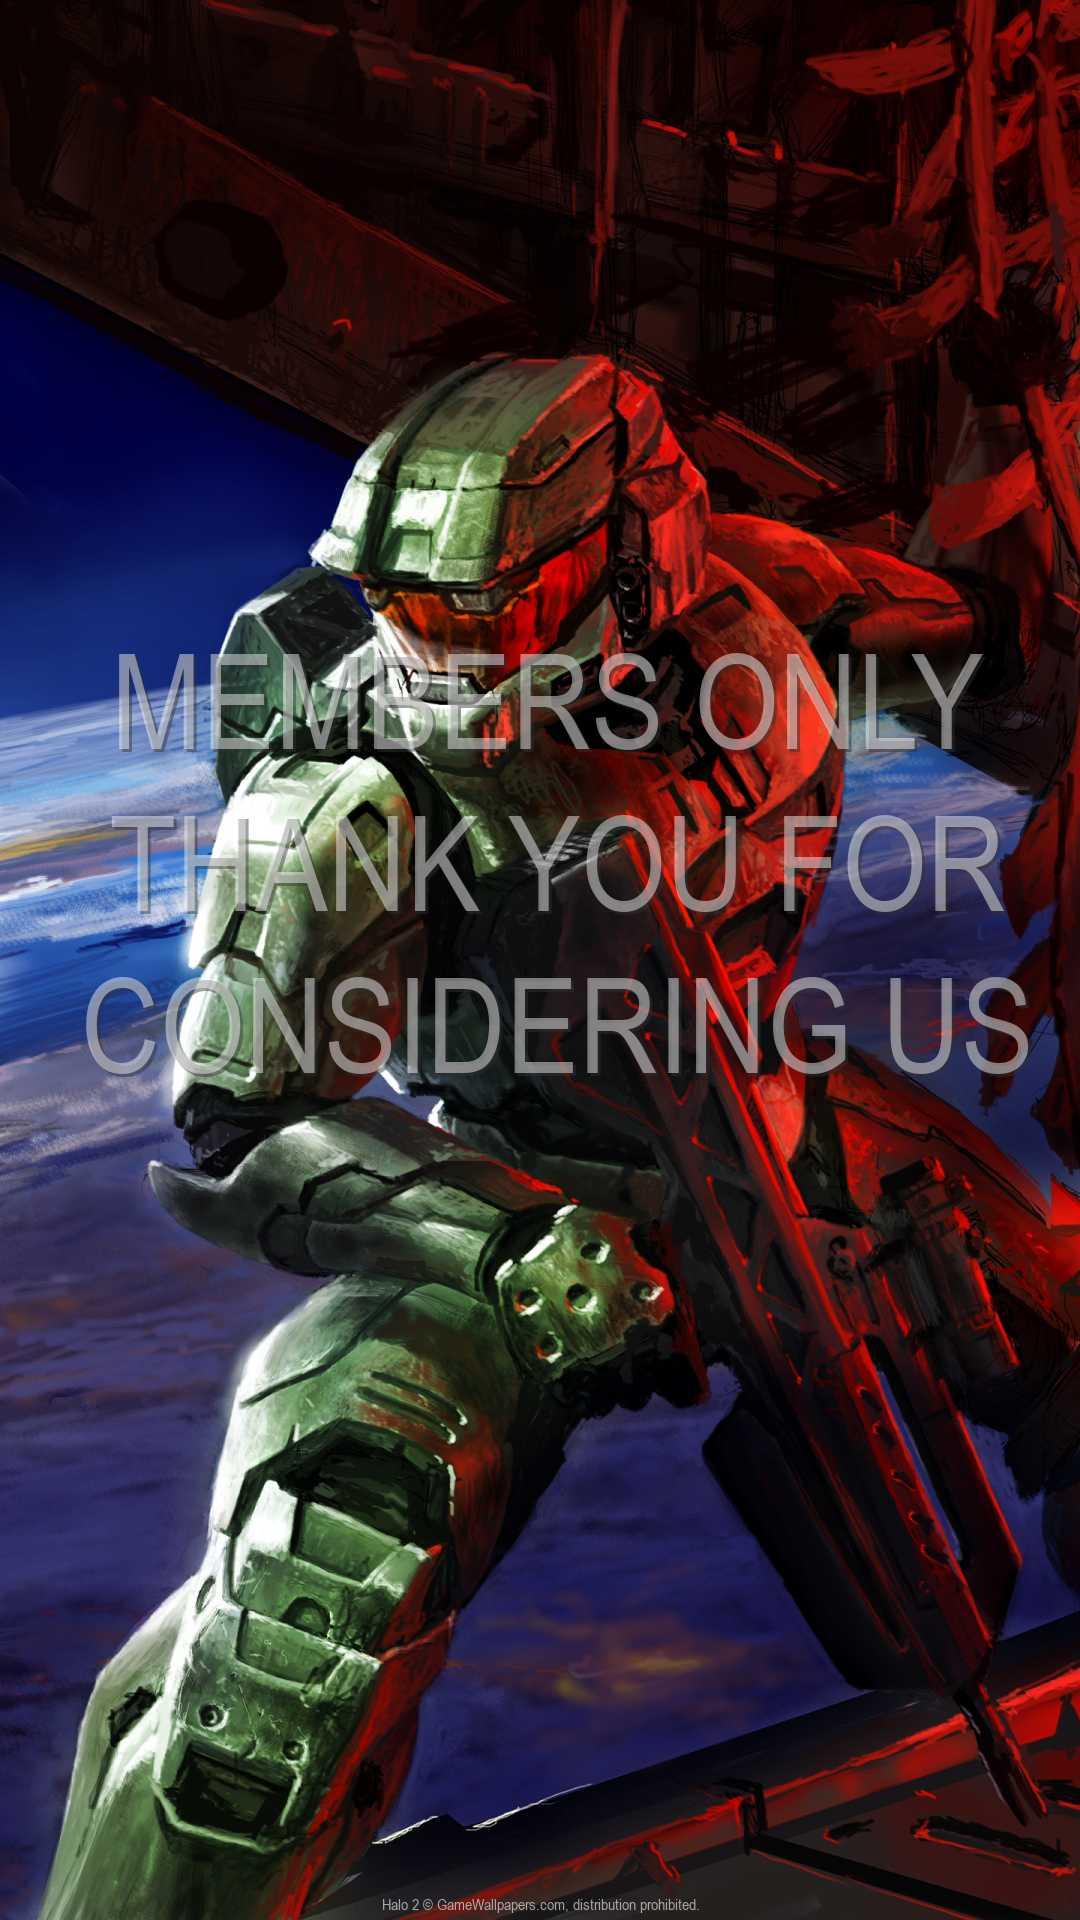 Halo 2 1080p Vertical Mobile fond d'écran 18